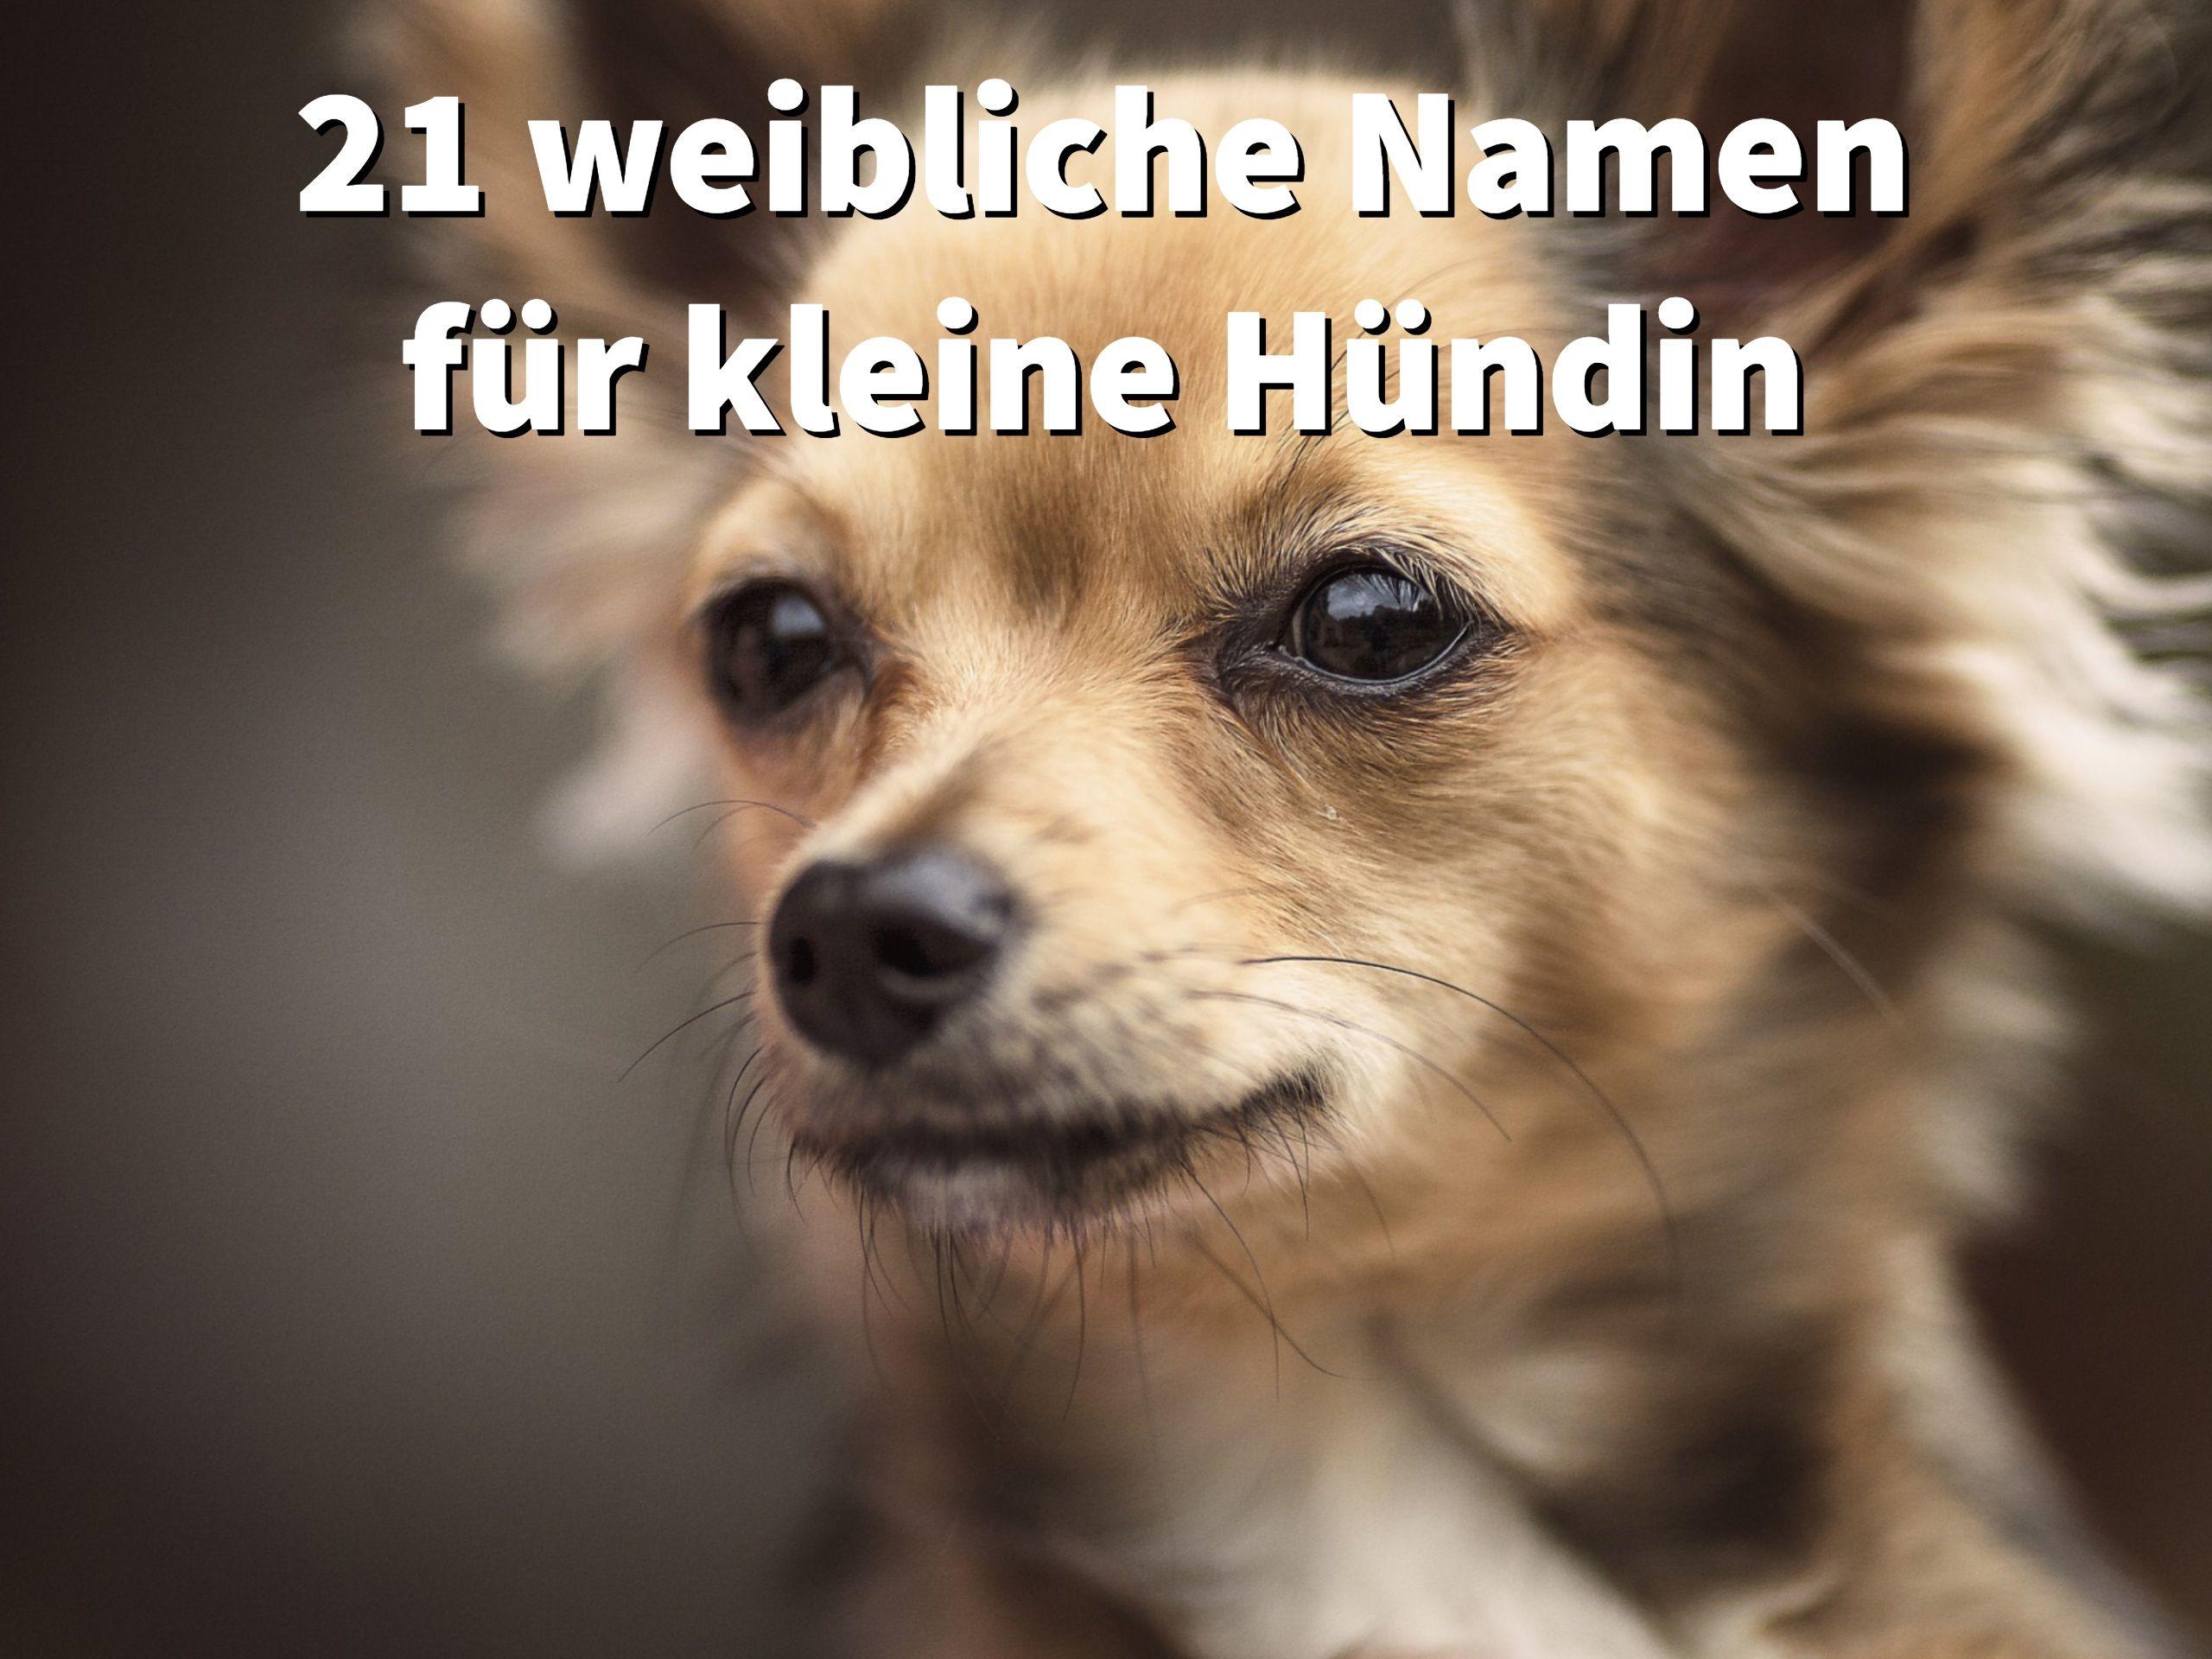 21 Weibliche Hundenamen Fur Kleine Hundinnen Dogco De Weibliche Hundenamen Hundenamen Kleine Hunde